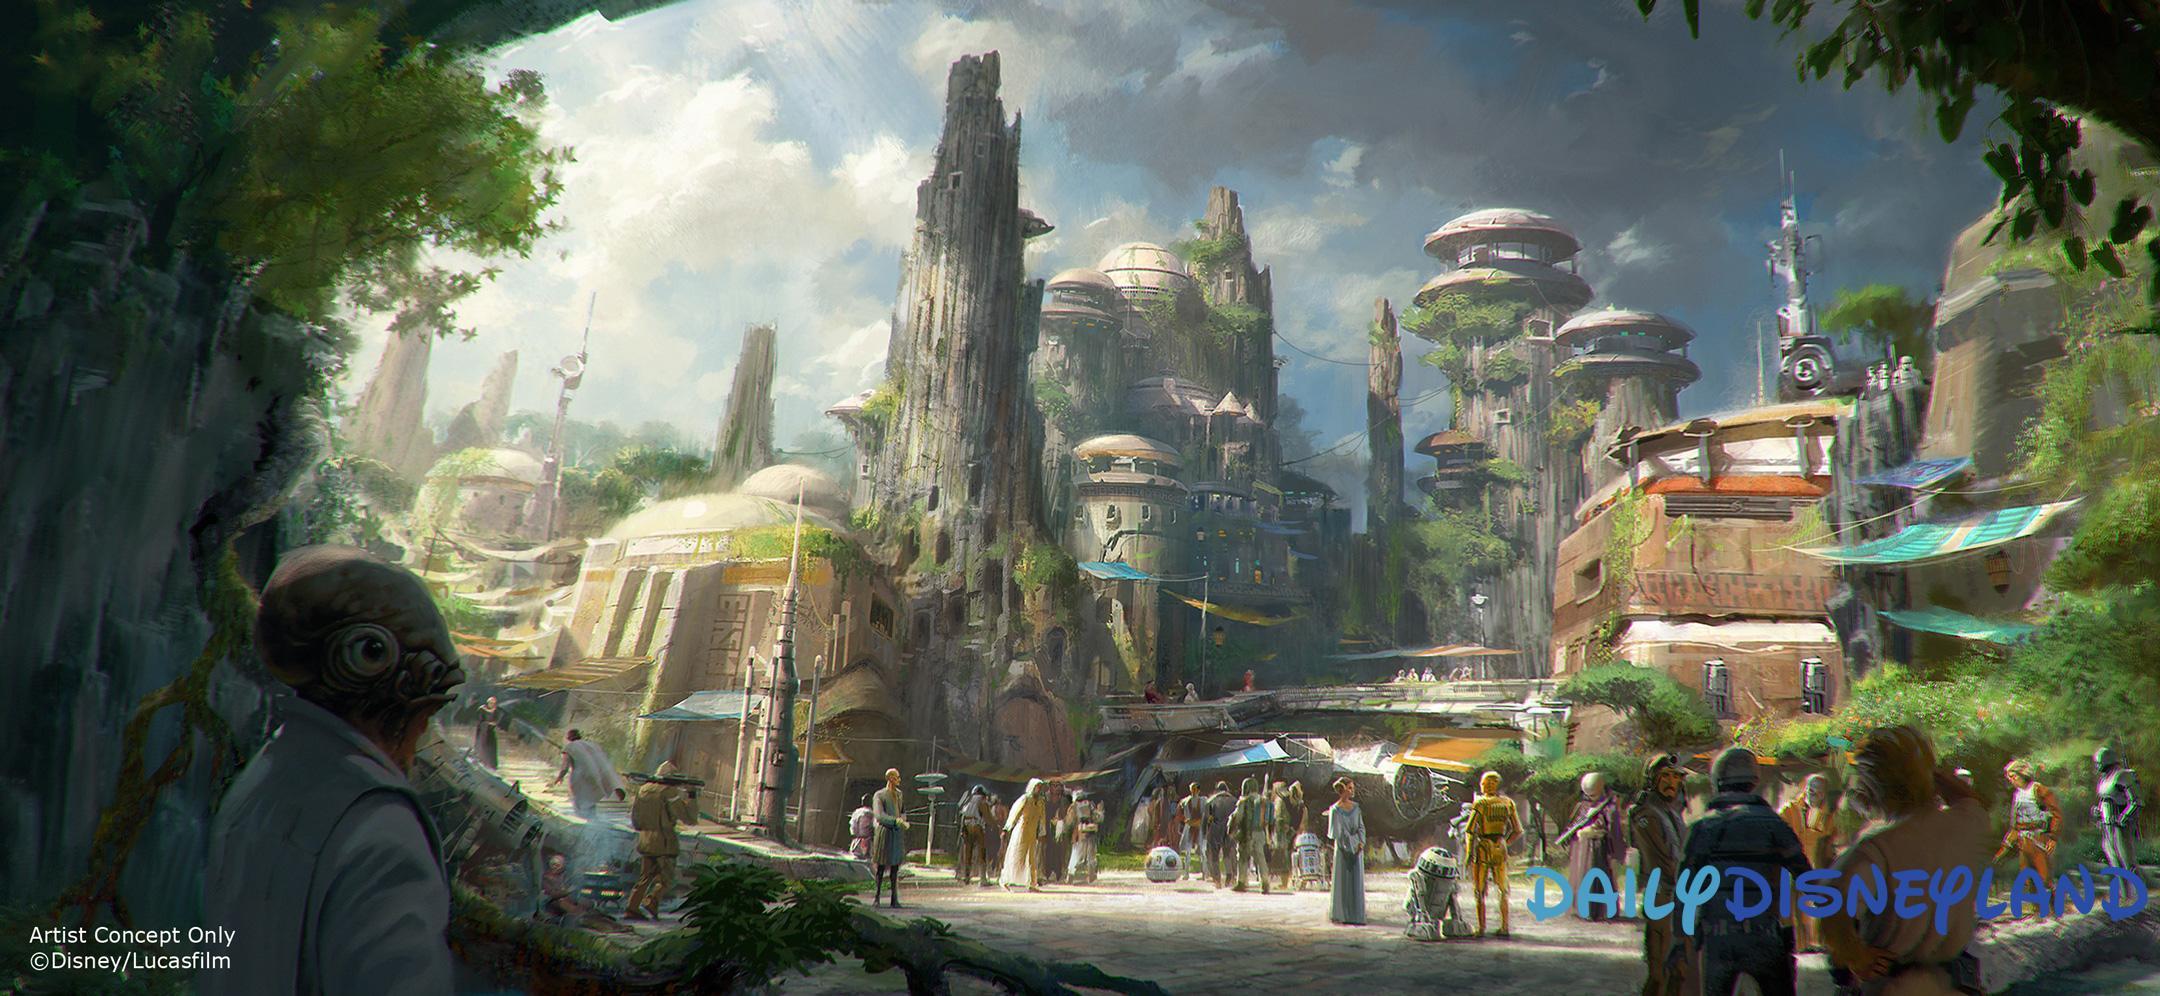 nouvelle attraction disneyland paris futur disney disneyland star wars galaxy s edge land